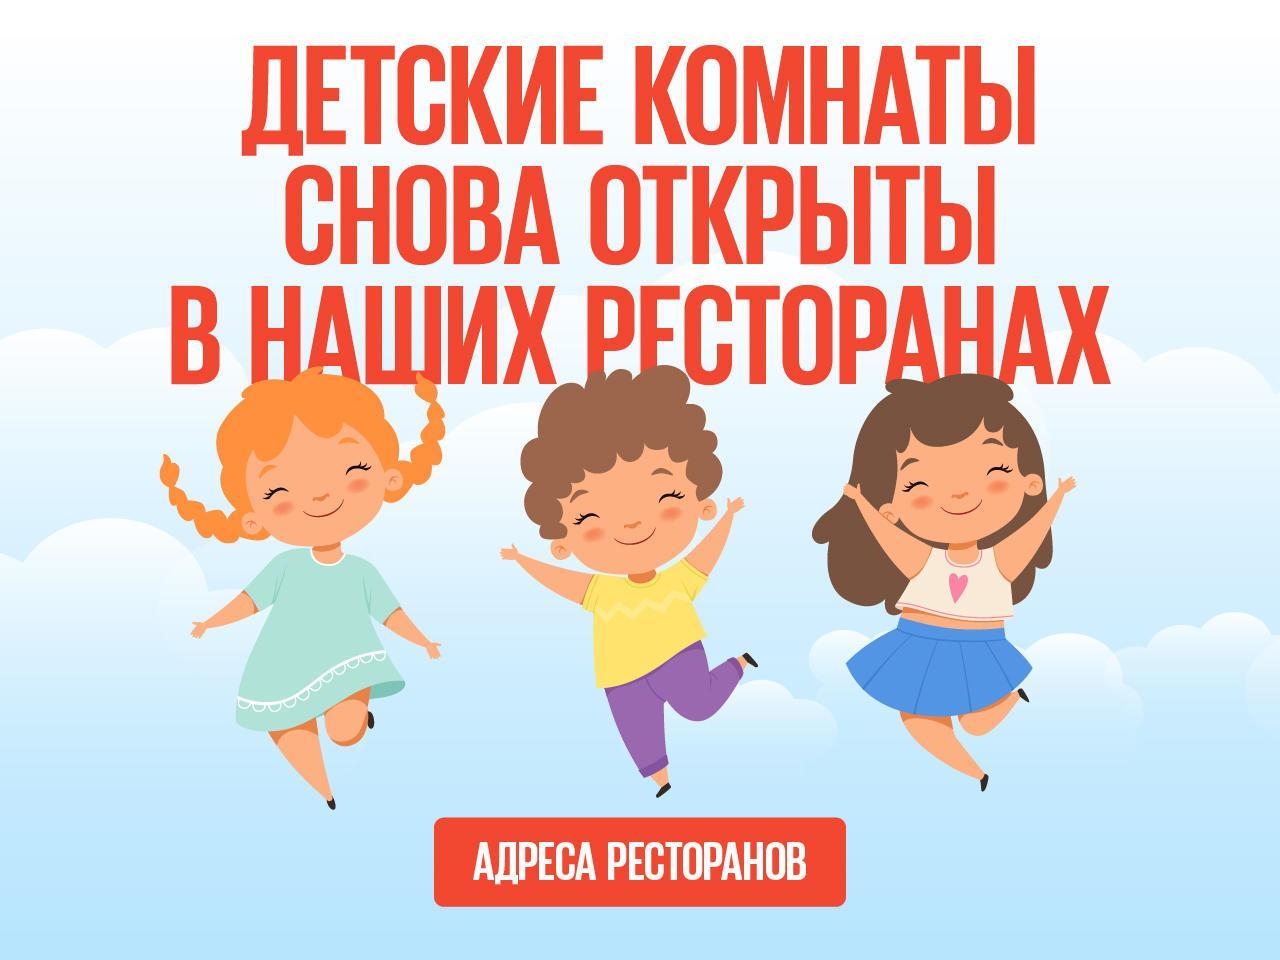 Детские игровые комнаты вновь открыты!